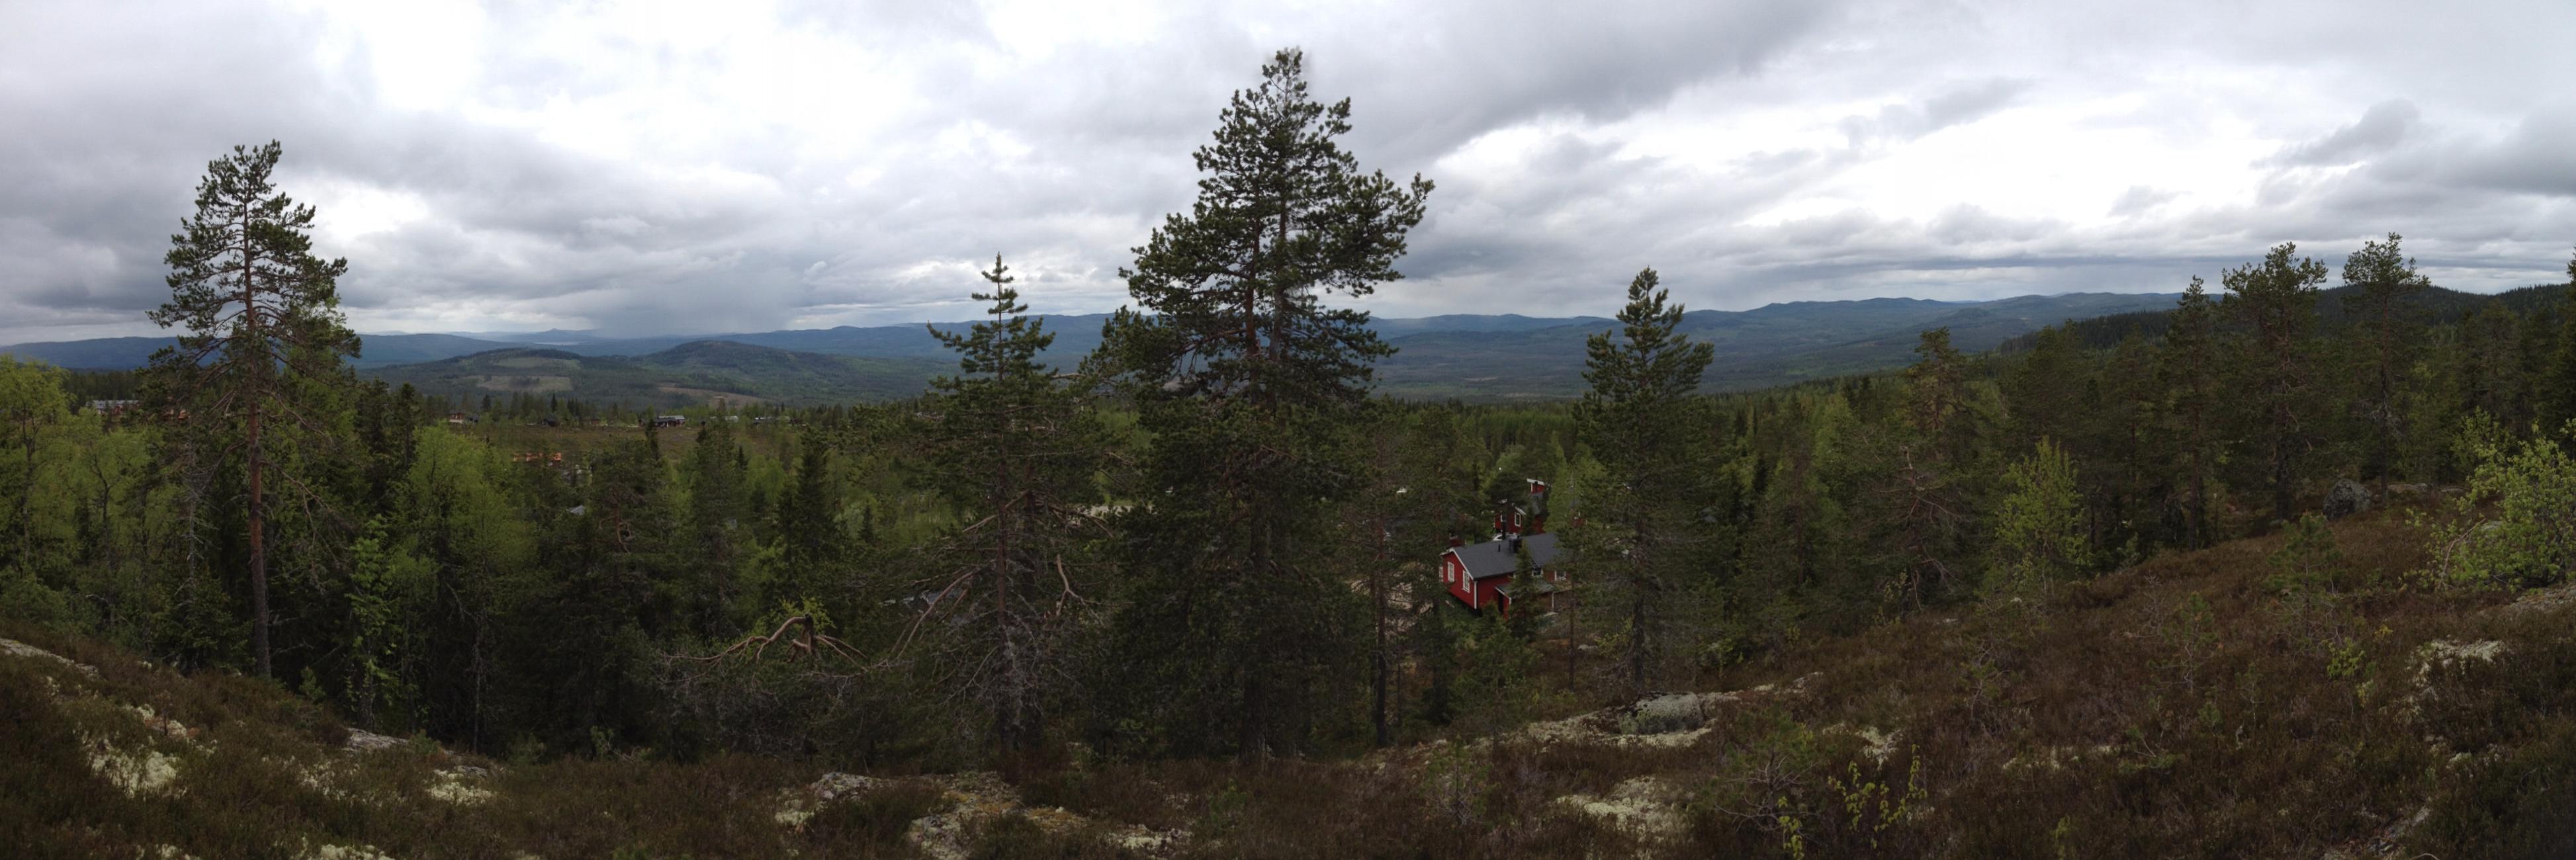 Panorámica de la región montañosa de Värmland desde Långberget <br> Foto: Israel Úbeda (click para ampliar)